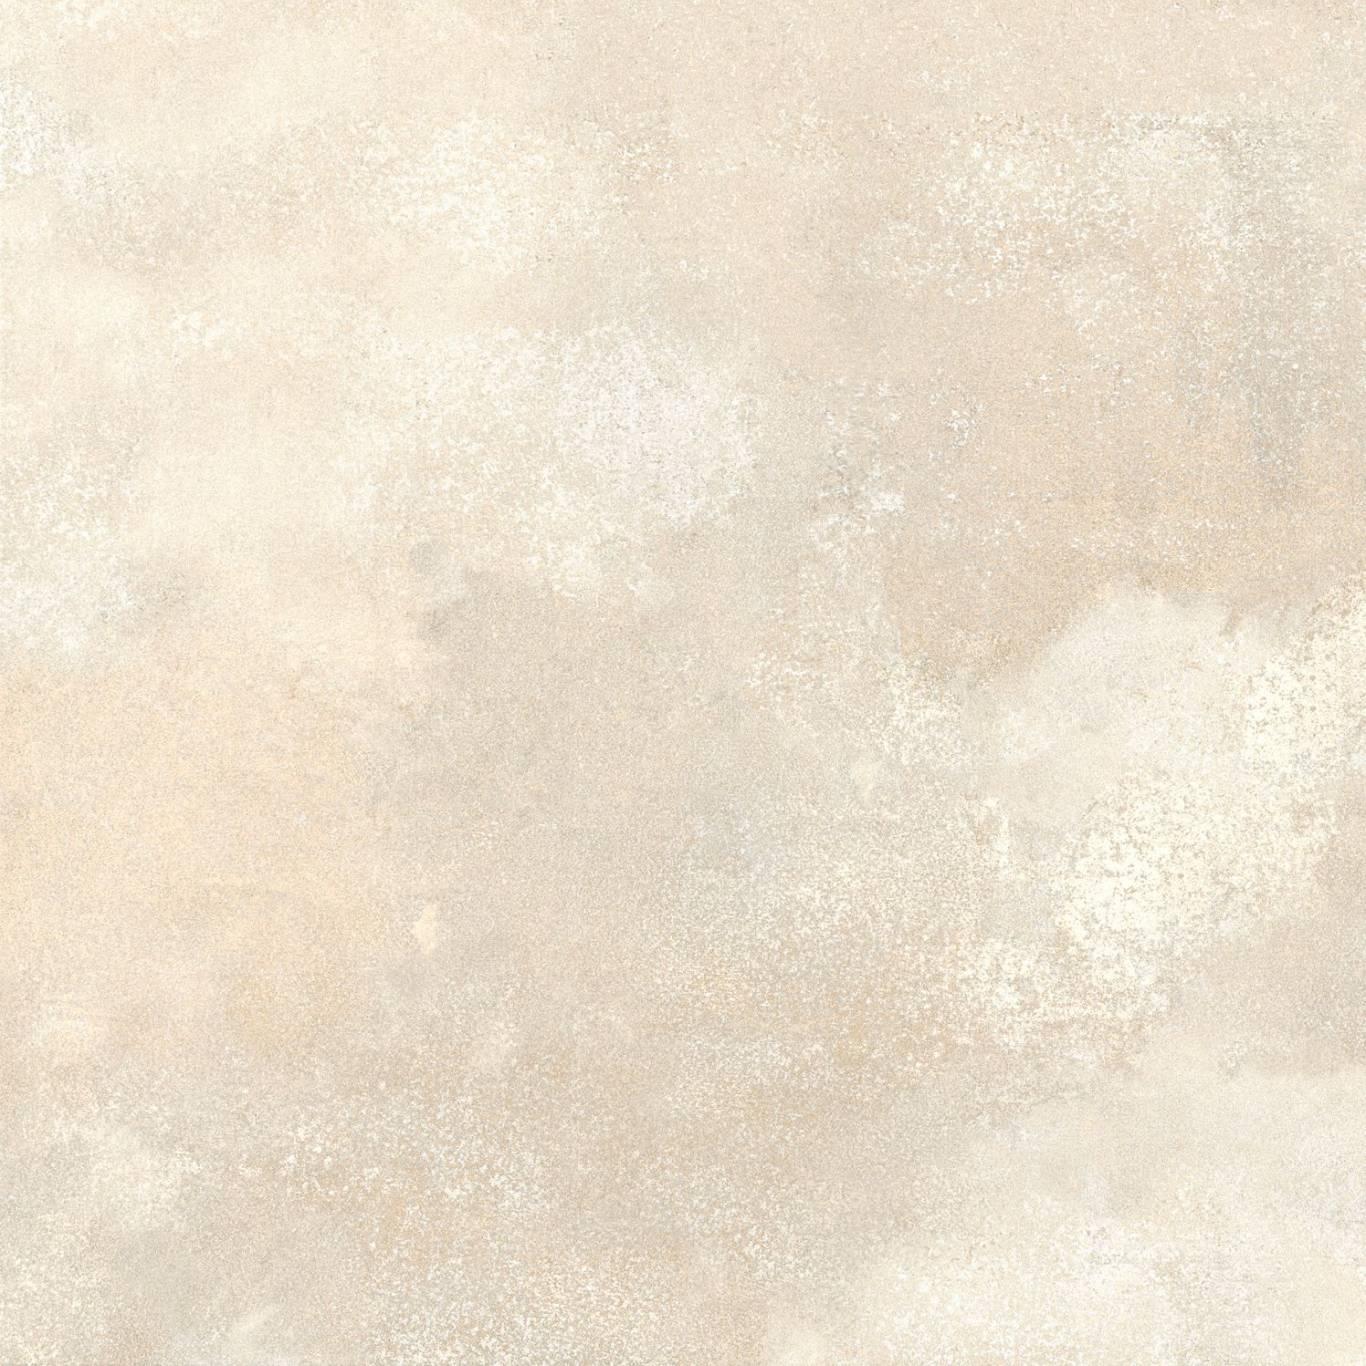 Pločice | Madison Beige - Keros - 45x45